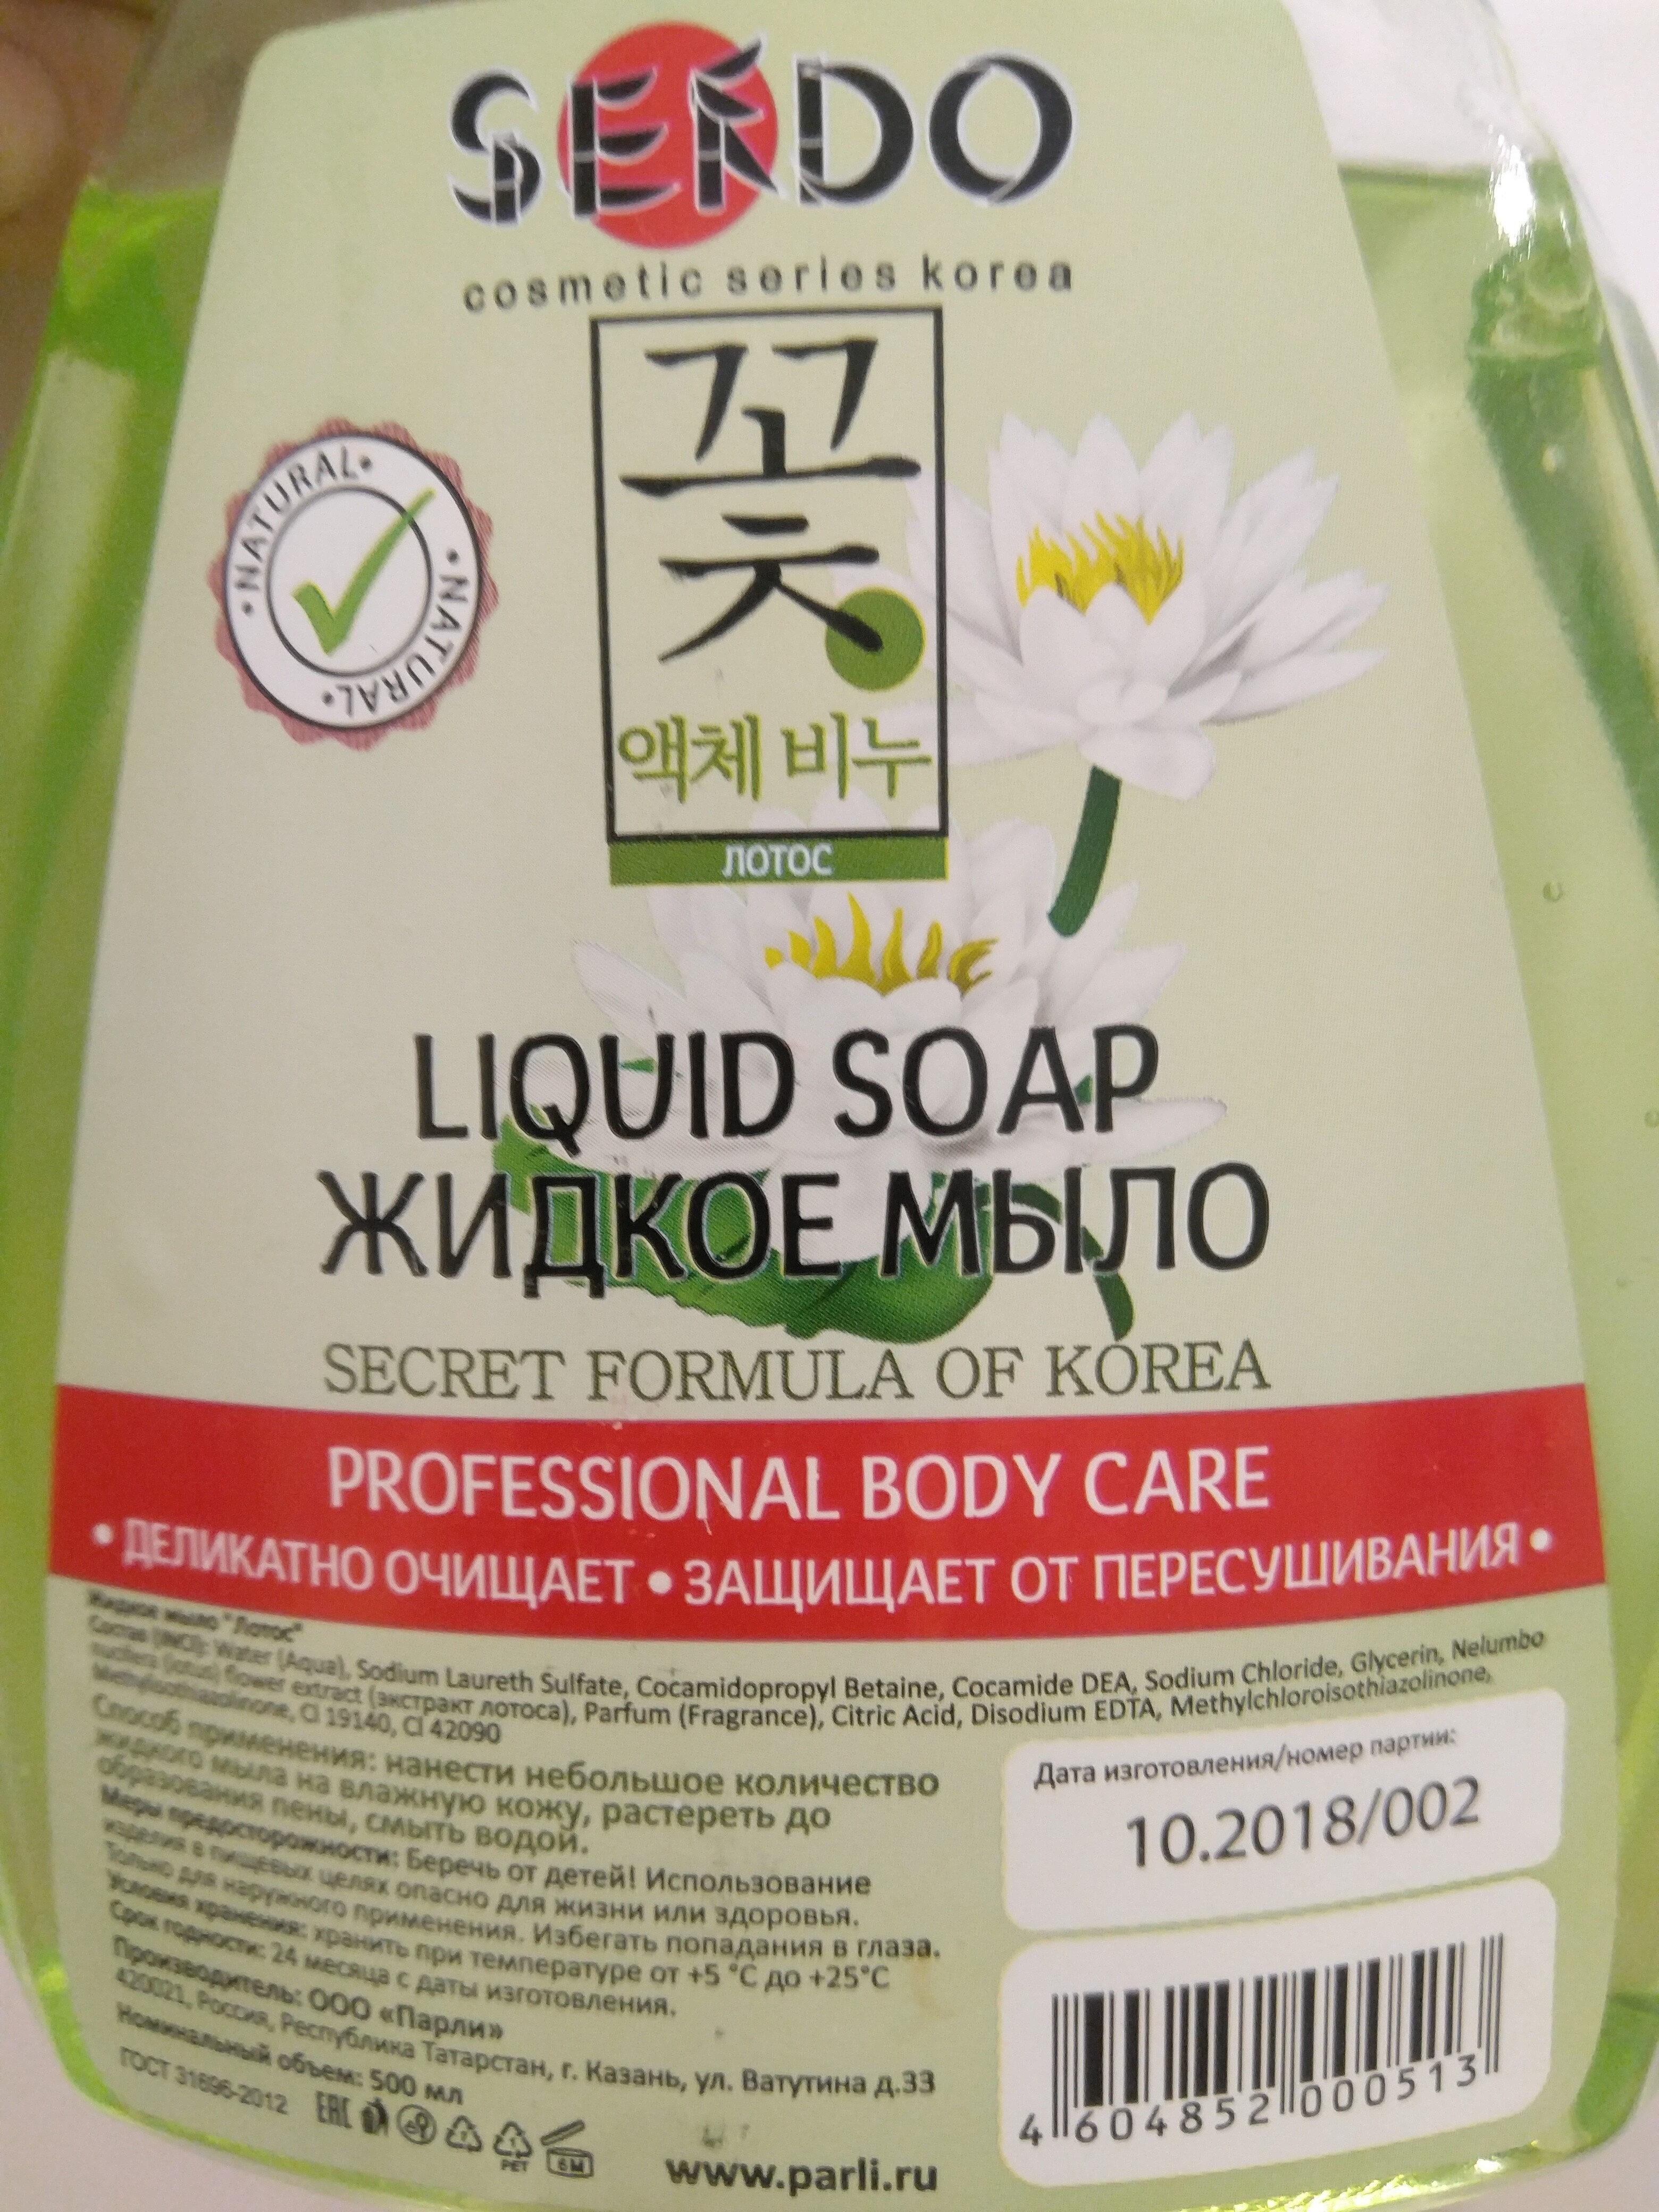 """Жидкое мыло """"Лотос"""" - Product - en"""